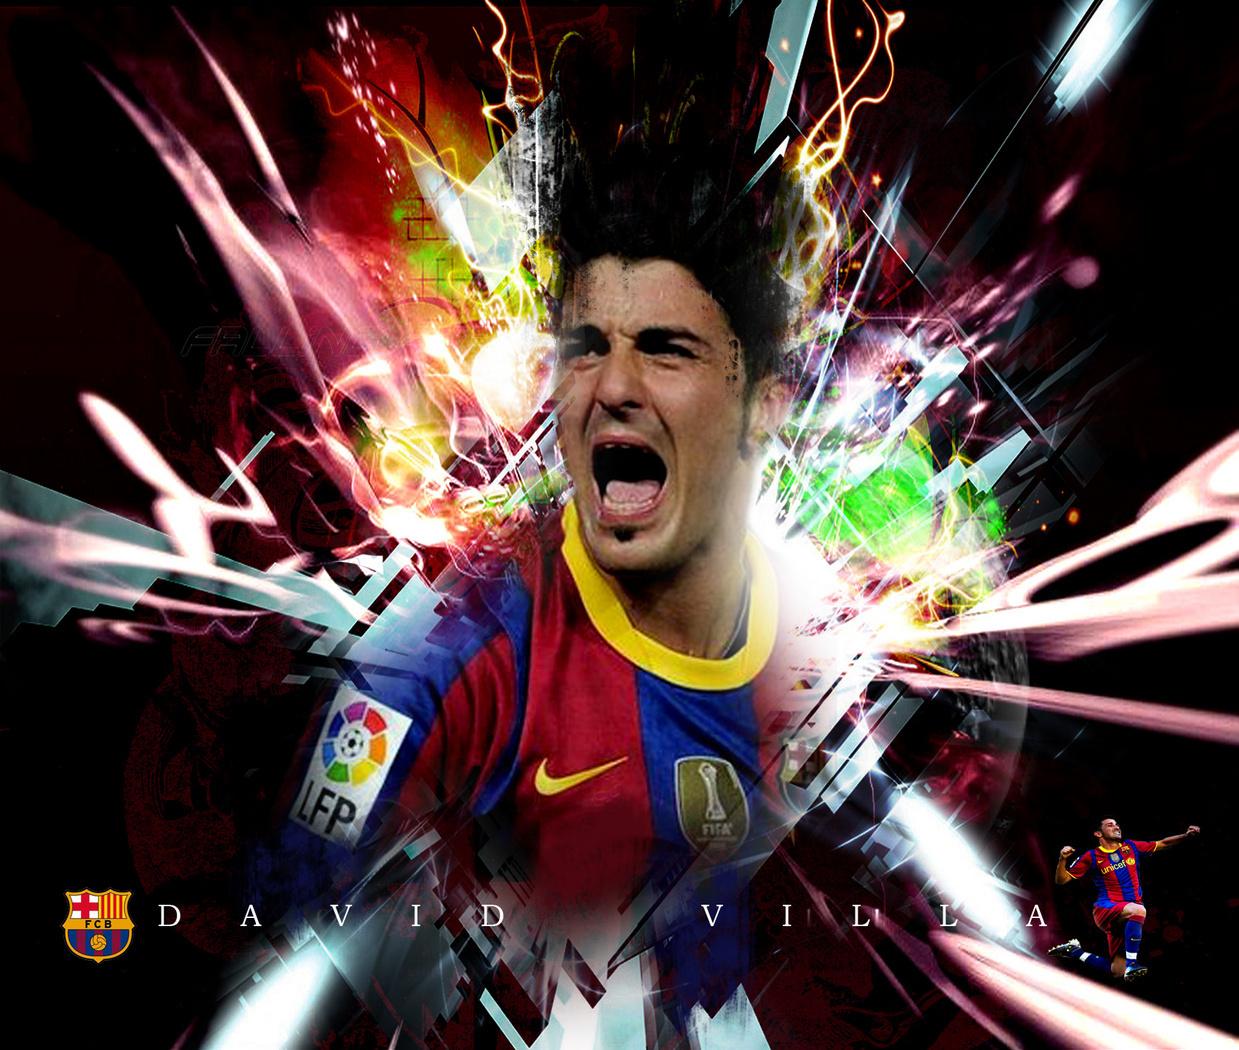 David Villa FC Barcelona Wallpaper   David Villa Fan Art 22595005 1239x1050